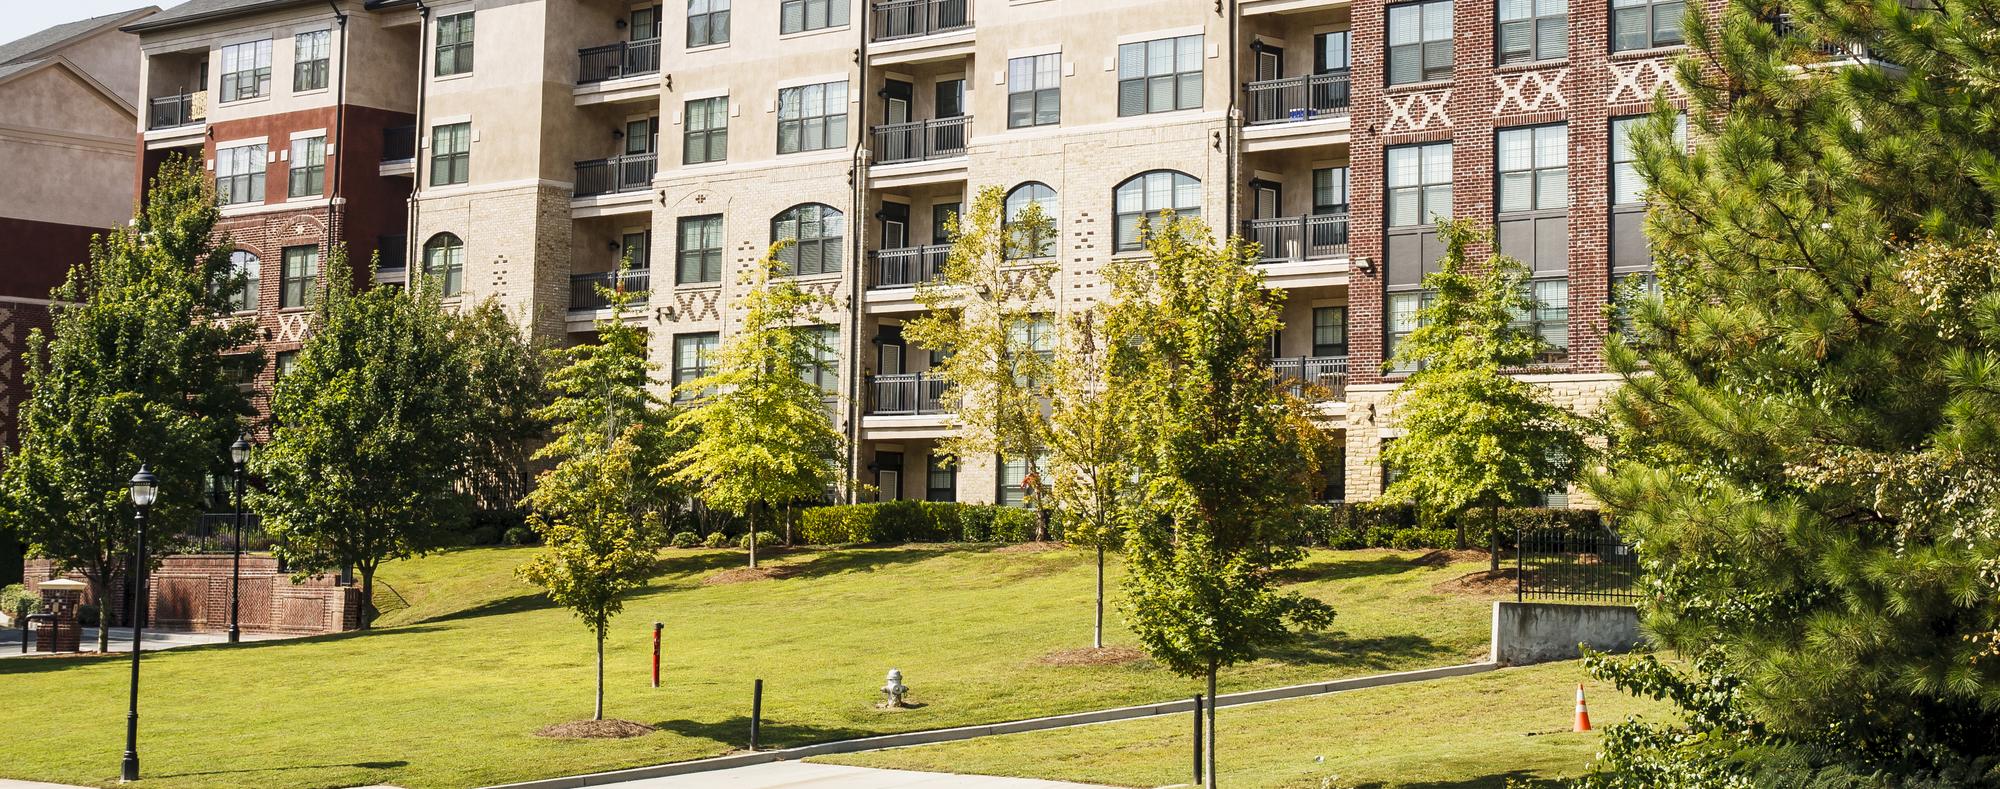 Garden style apartment complex